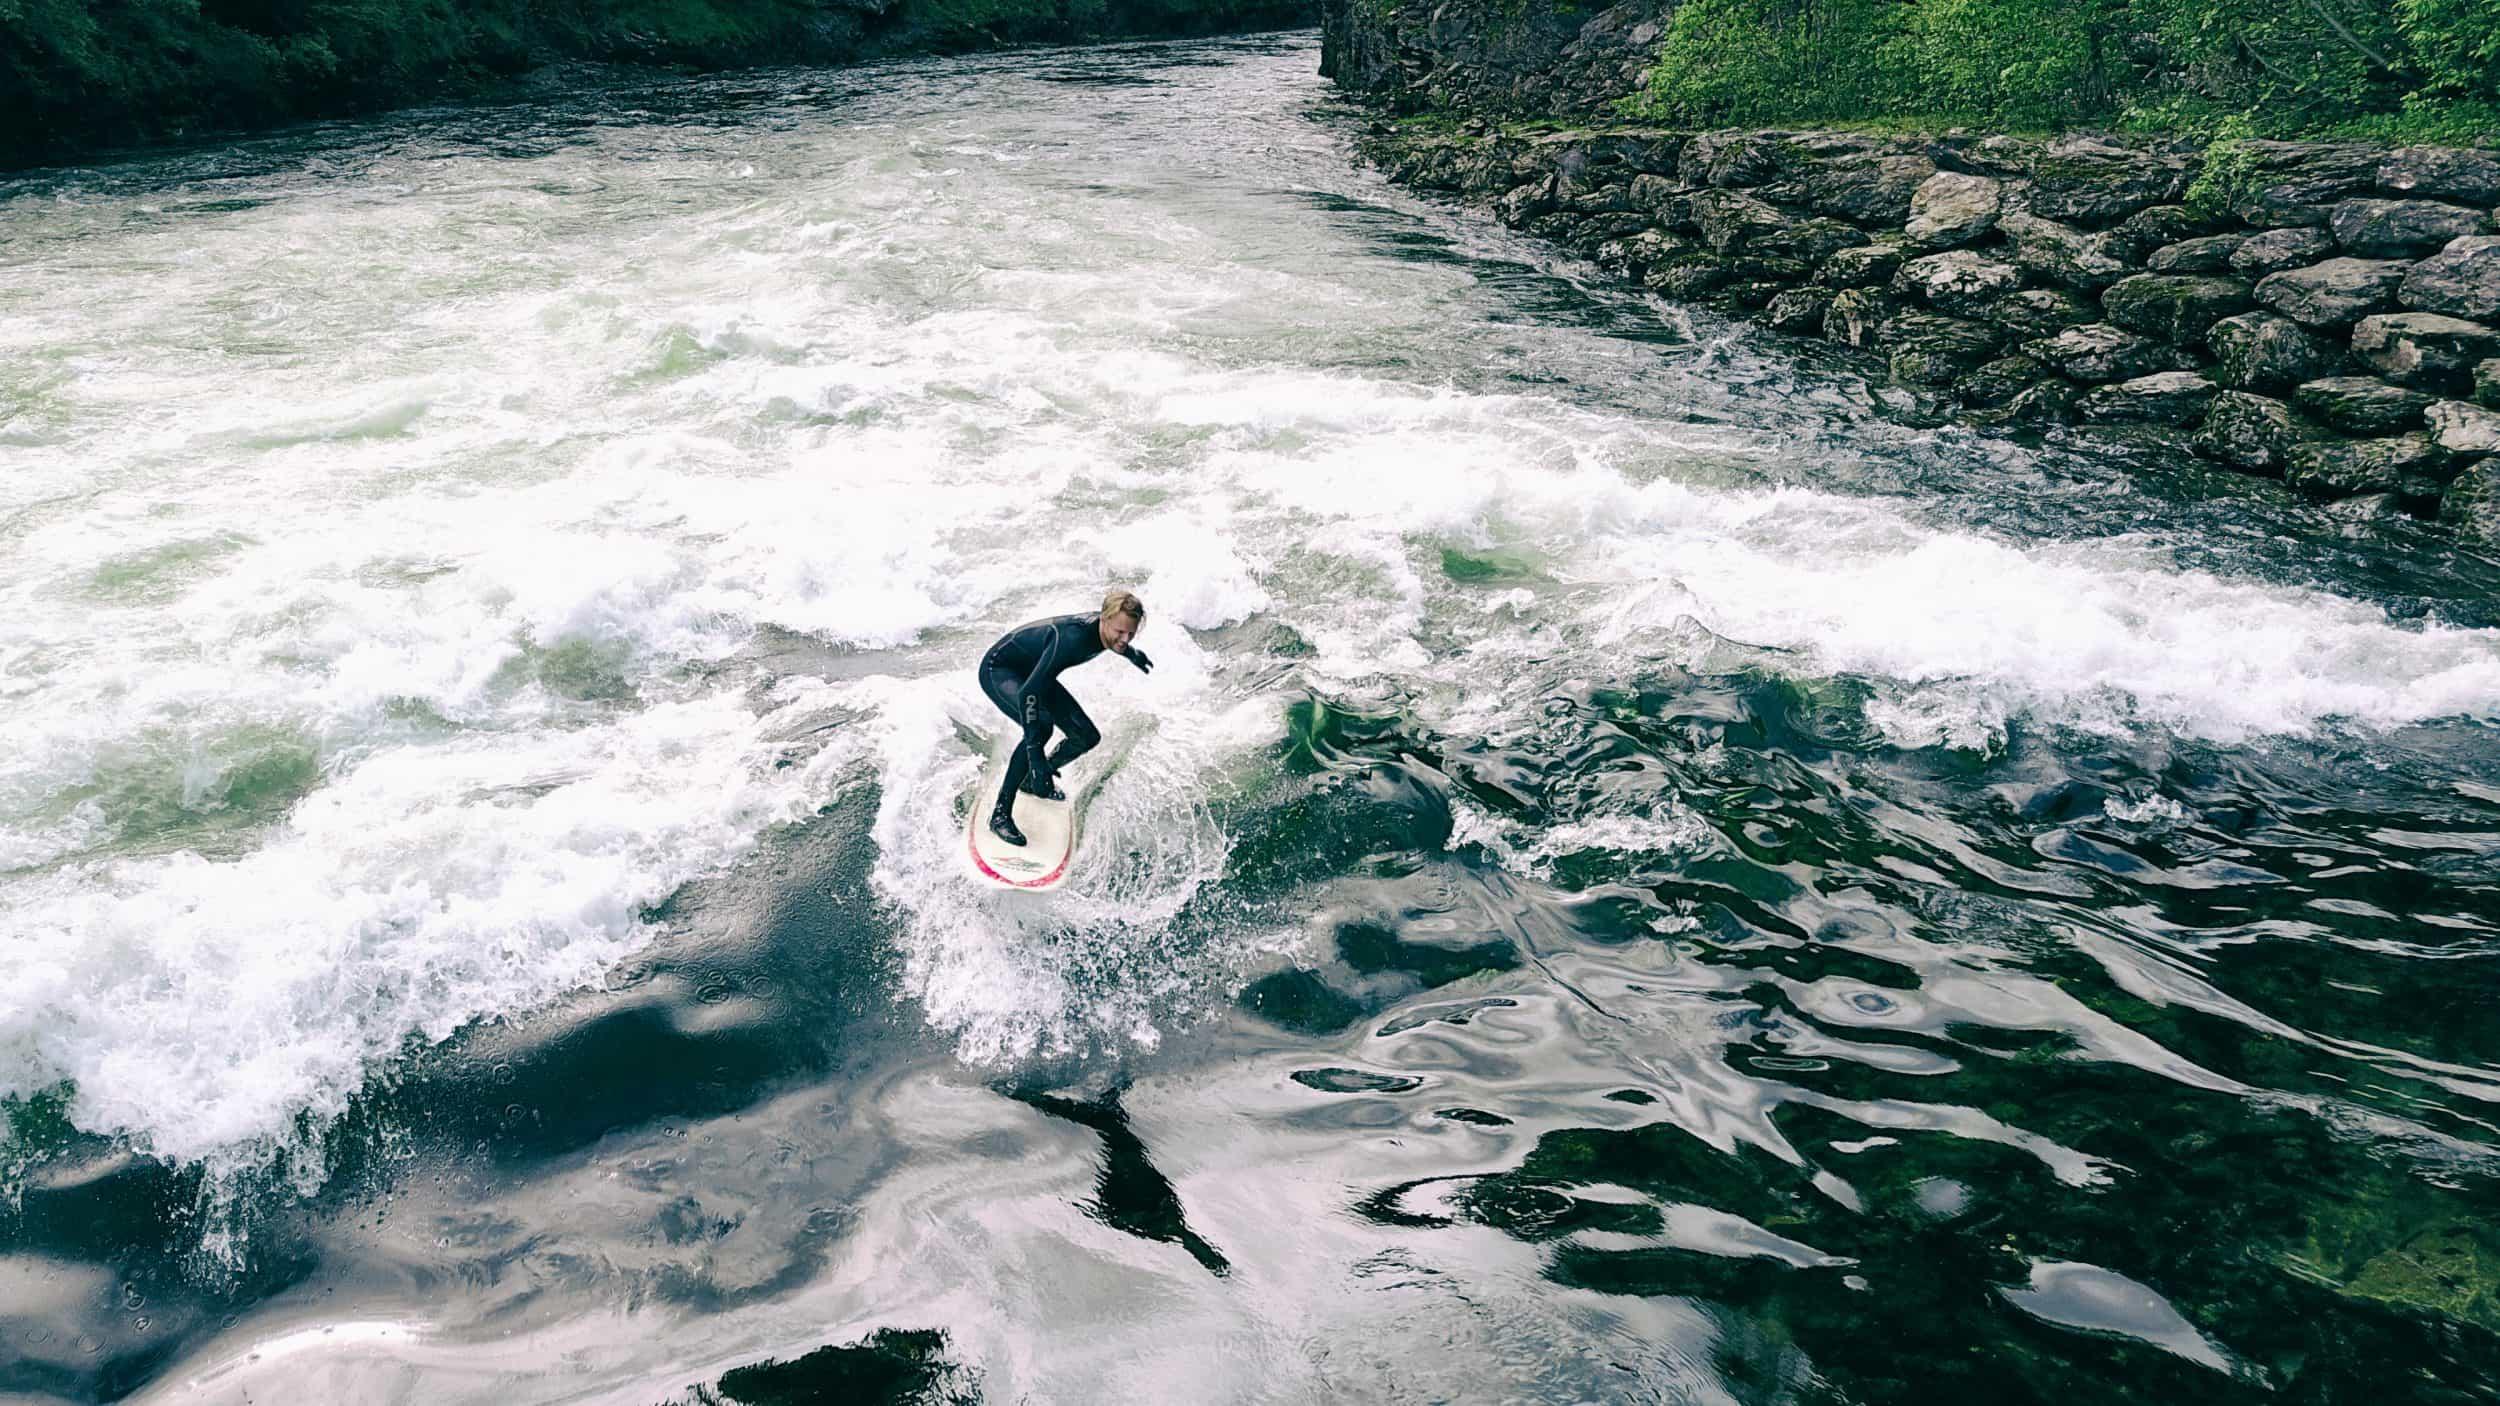 Tord Ingulfsen - 15.06.2017 når man ikke har så mange surfespots rundt Bergen, så er det greit å kunne dra til voss for å surfe elvebølgen på bulken!